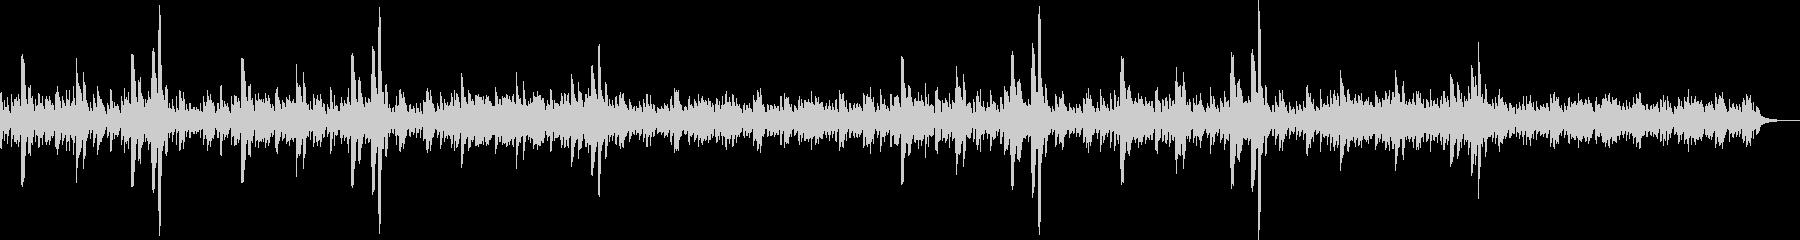 ピアノ・竪琴で幻想的なリラクゼーションの未再生の波形